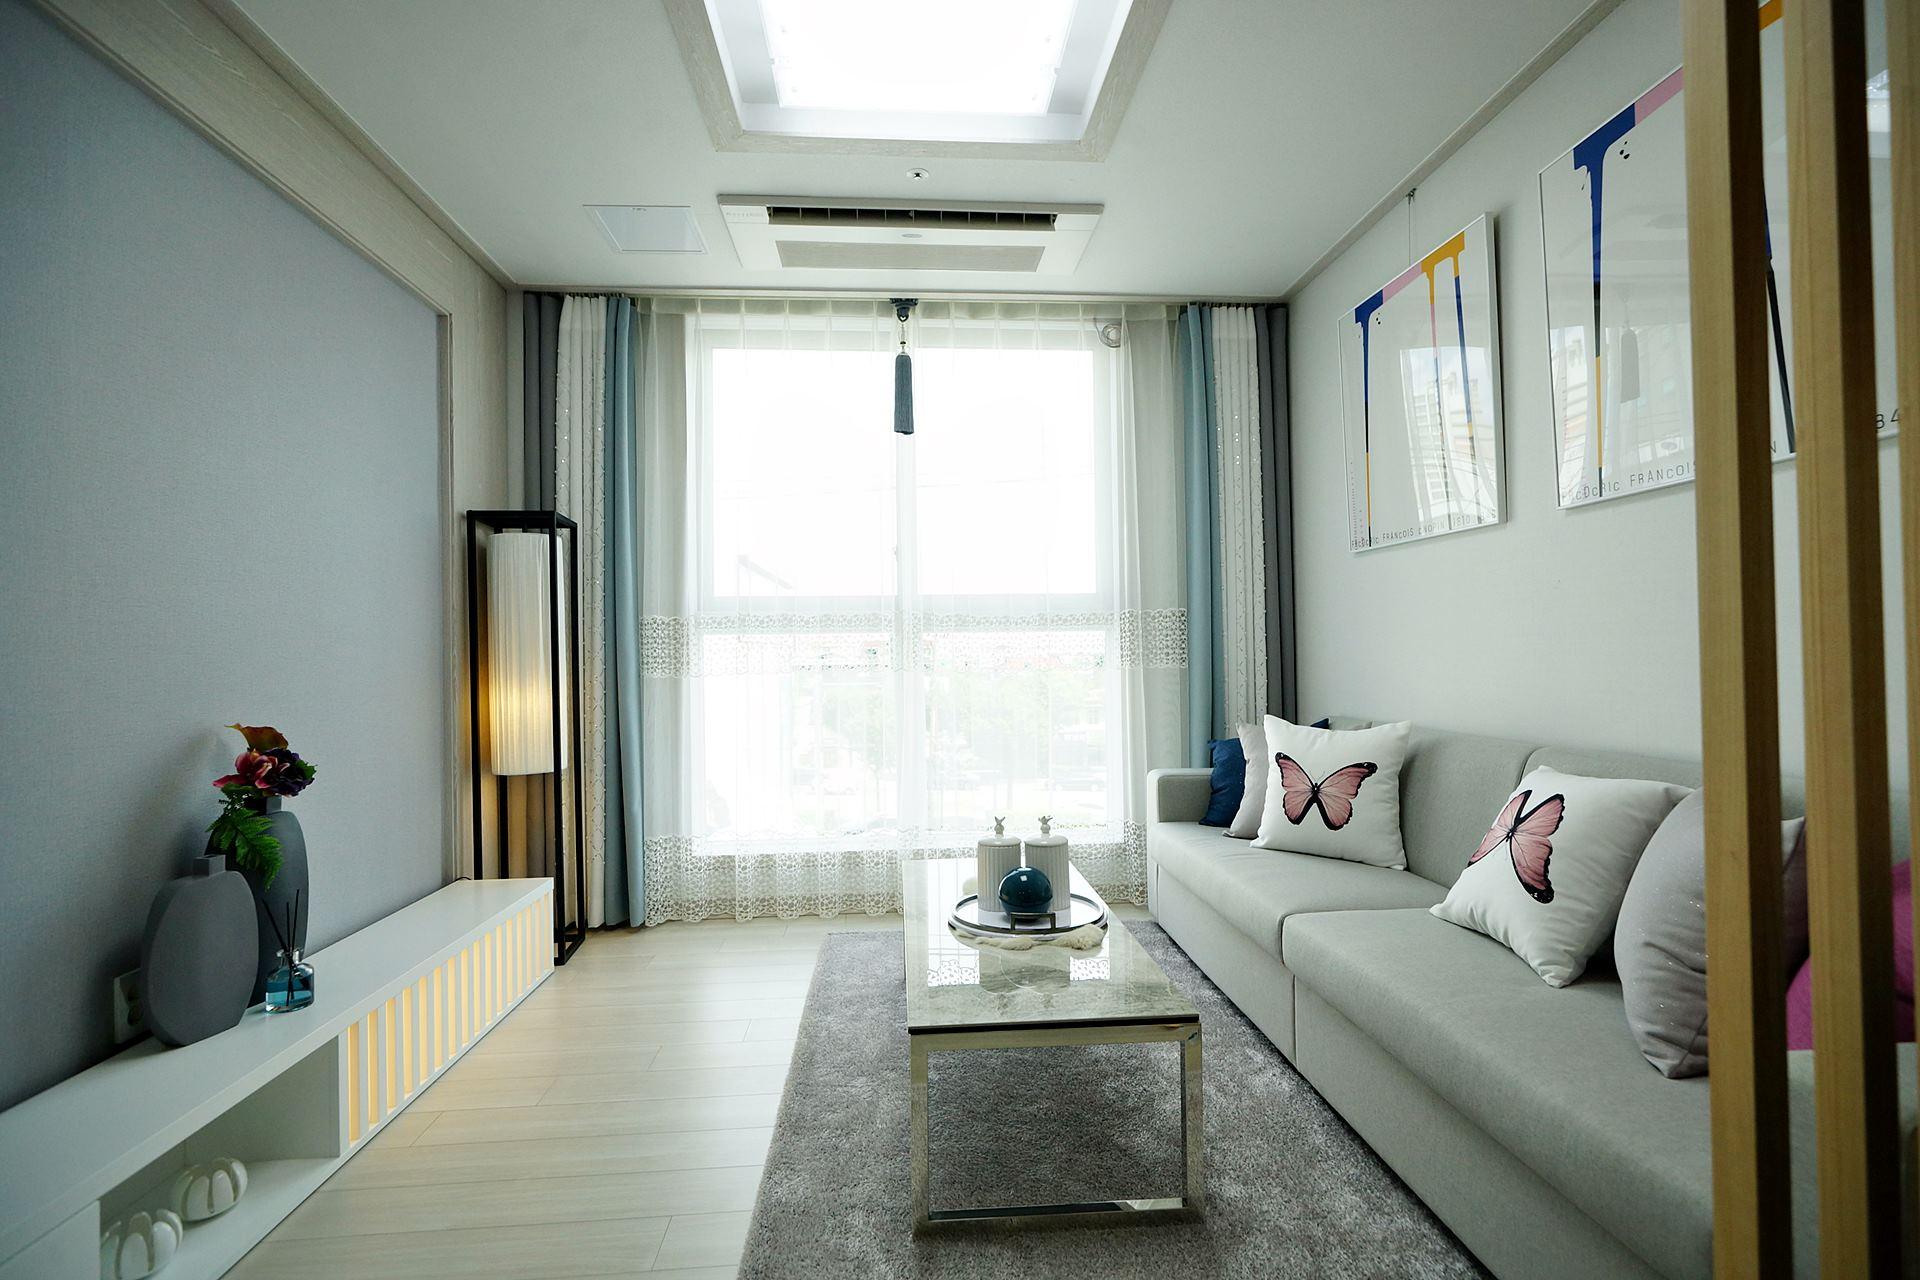 도화동신축빌라 27층 전세대 2룸 실입1000